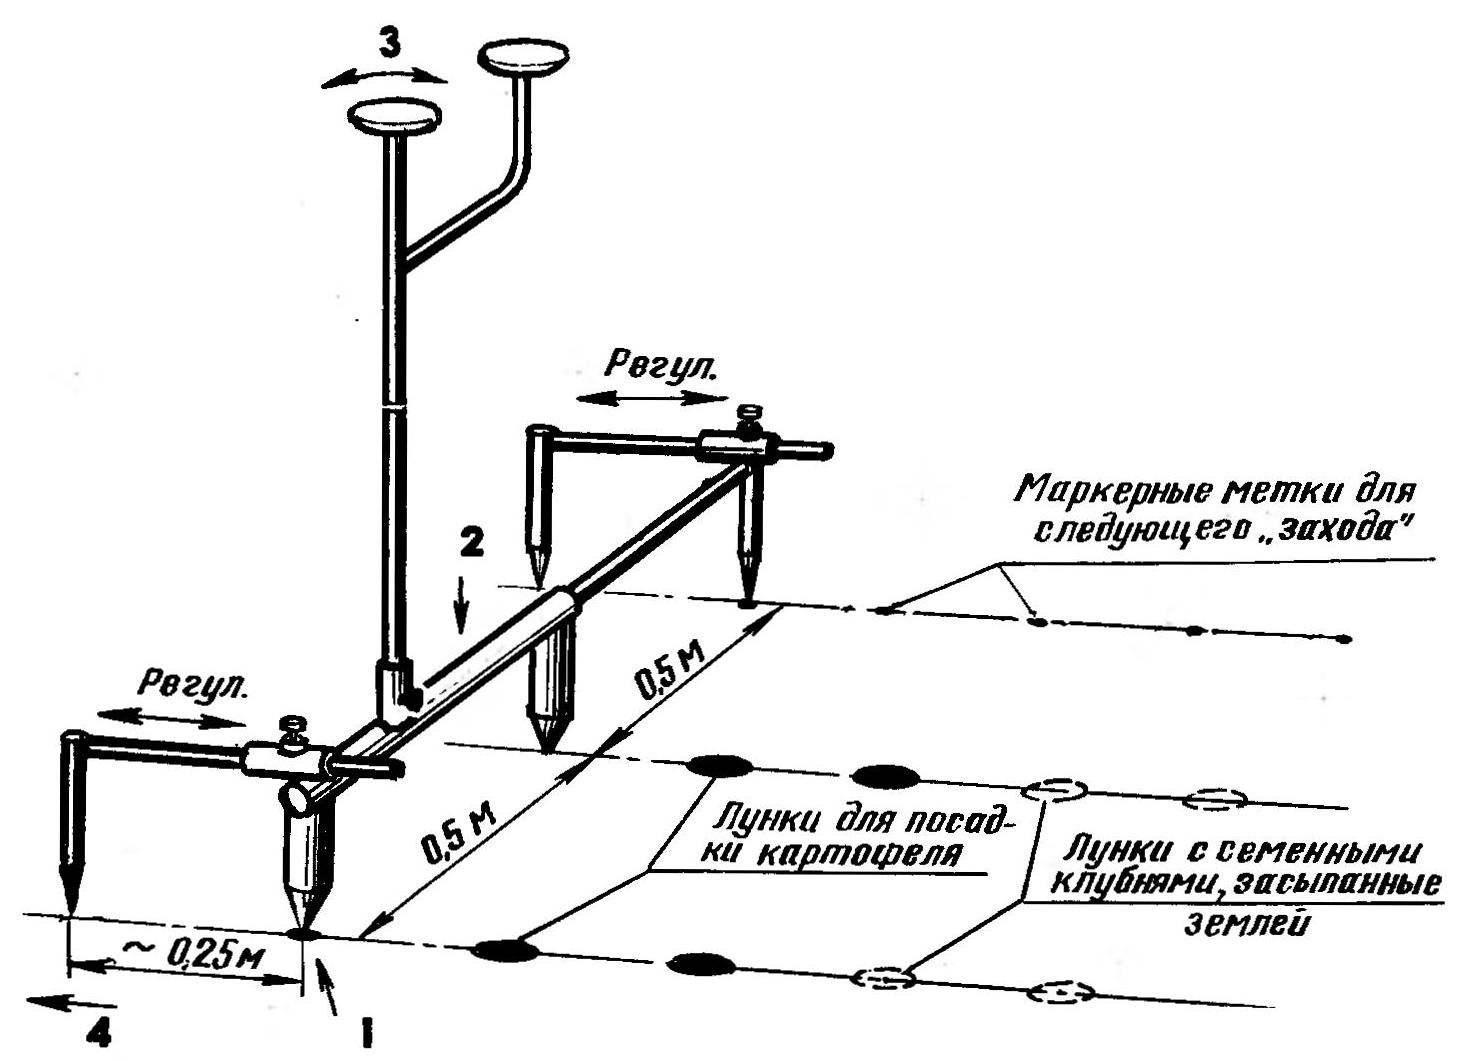 Схема работы с трассером-картофелесажалкой.